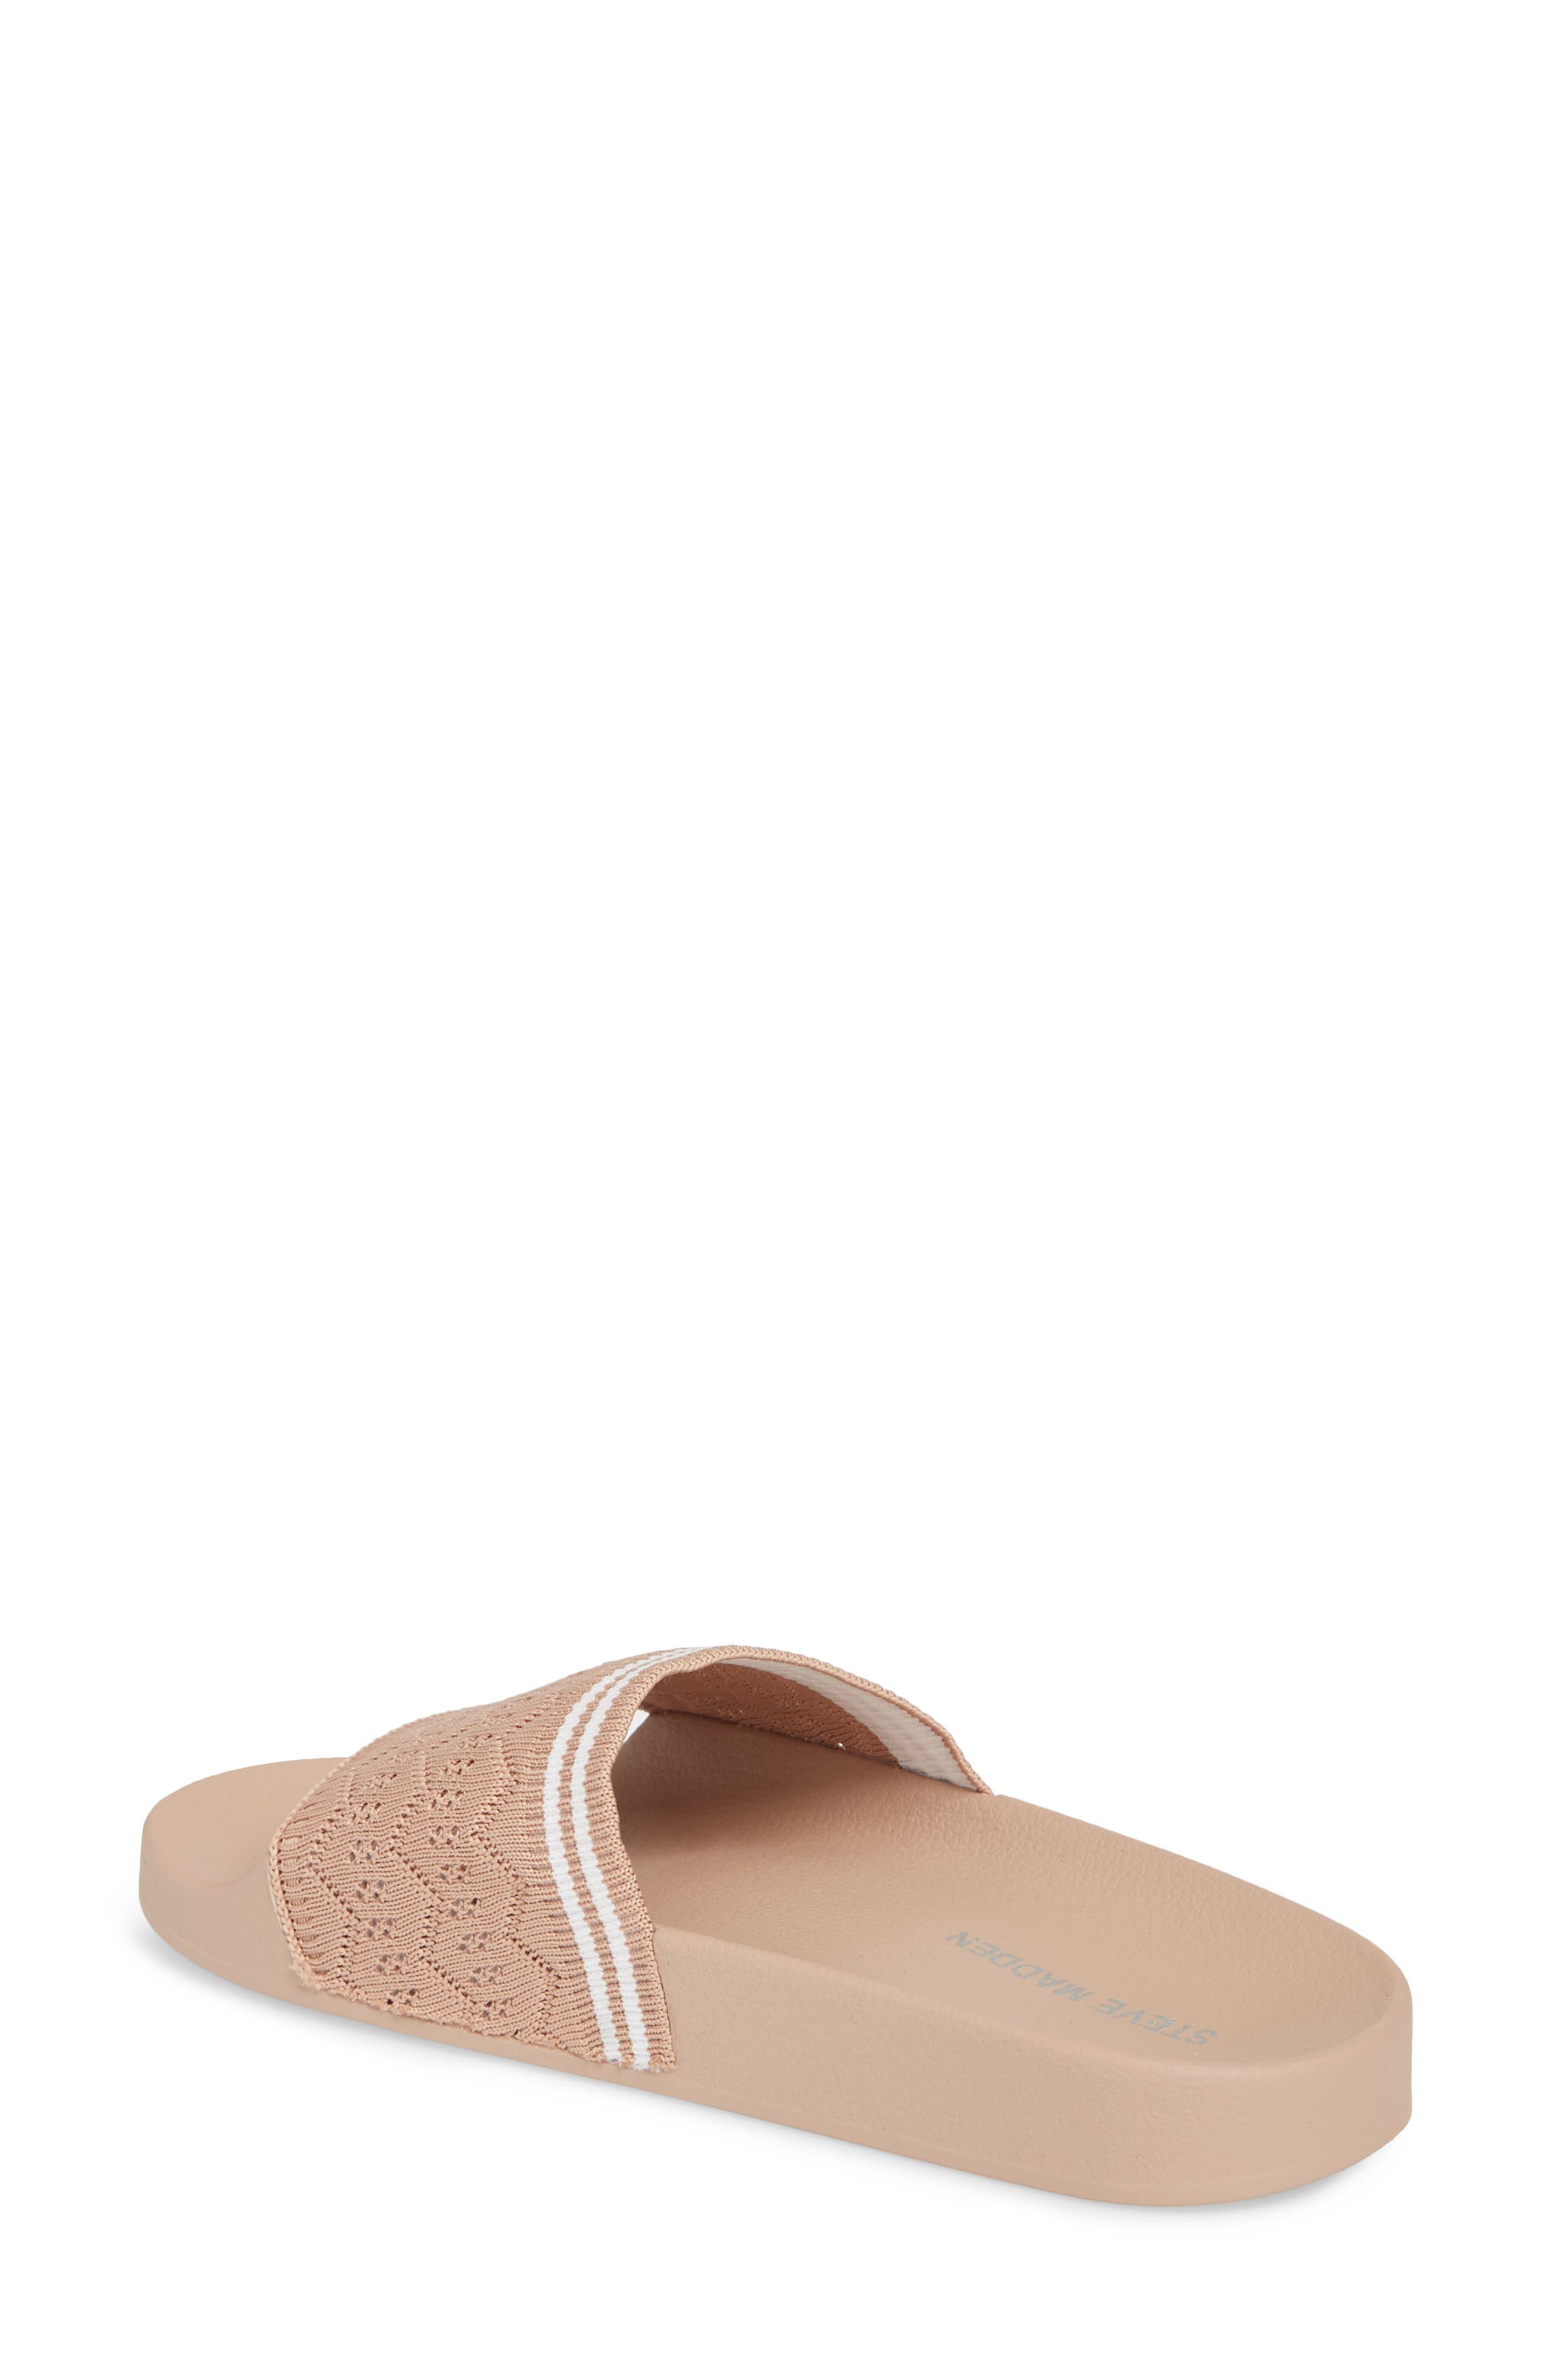 Vibe Sock Knit Slide Sandal,                             Alternate thumbnail 2, color,                             Blush